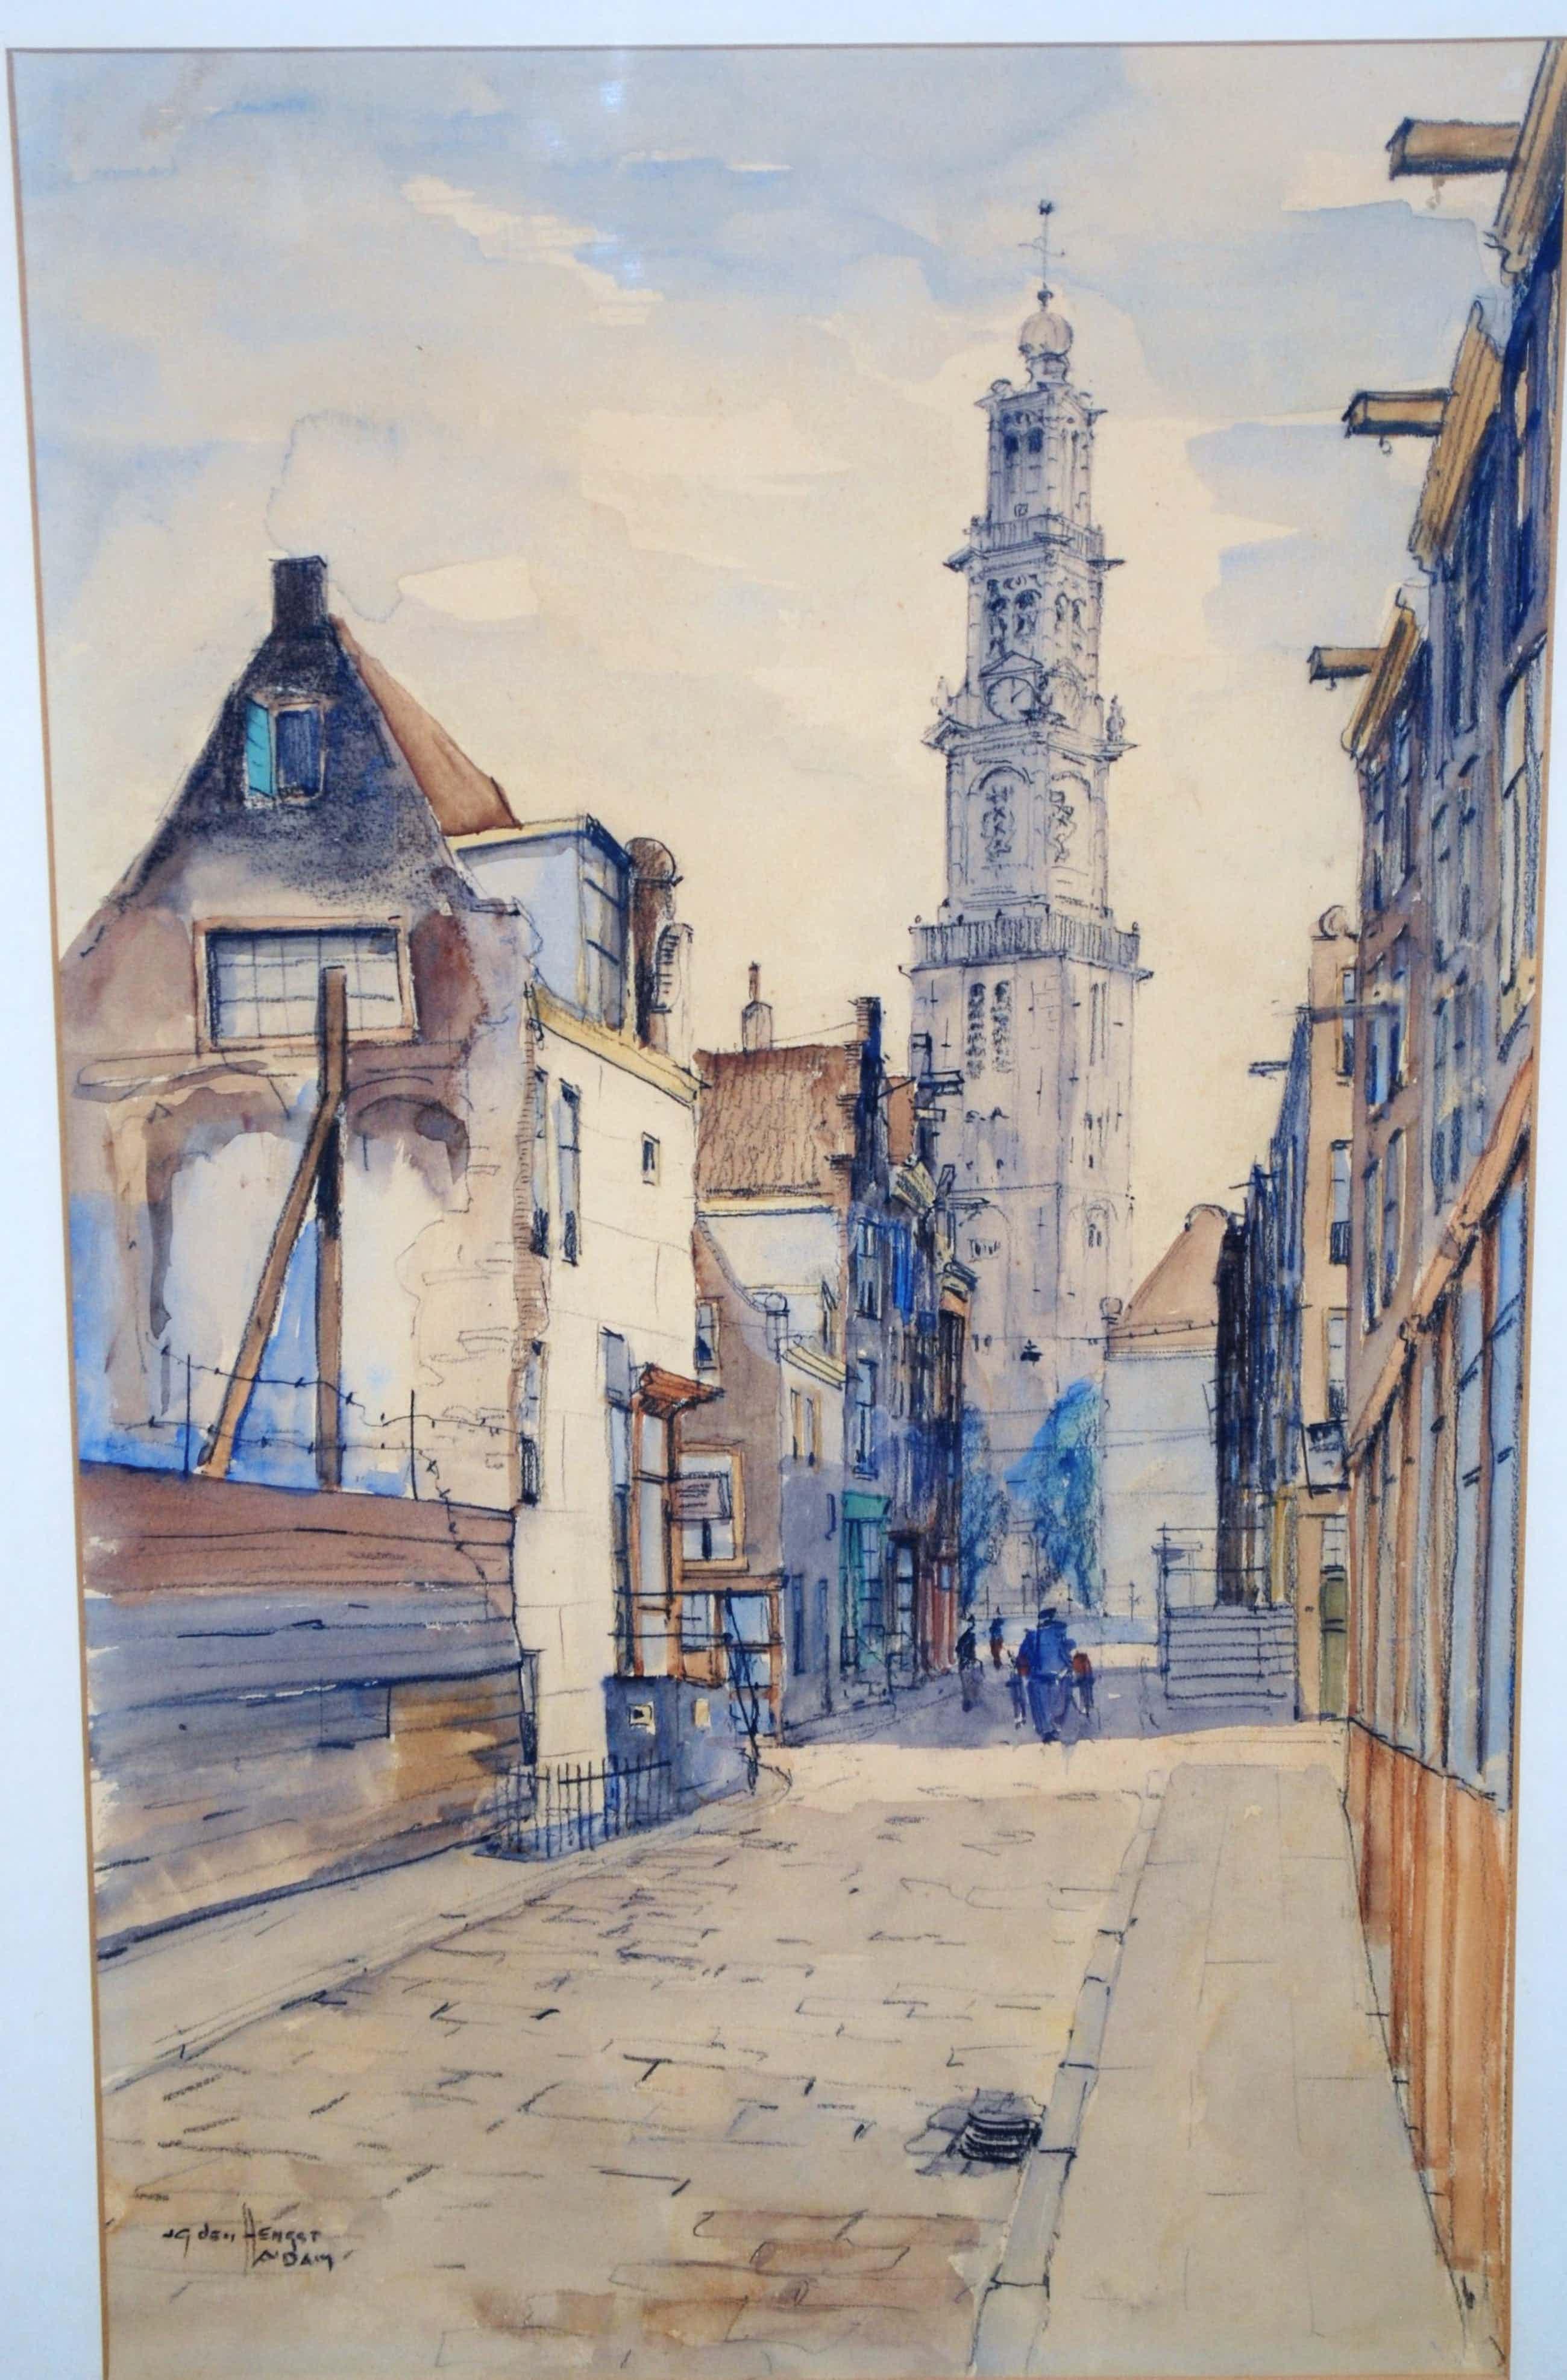 Jan den Hengst - Amsterdam, de Jordaan met de Westerkerk - grote ingelijste aquarel kopen? Bied vanaf 150!